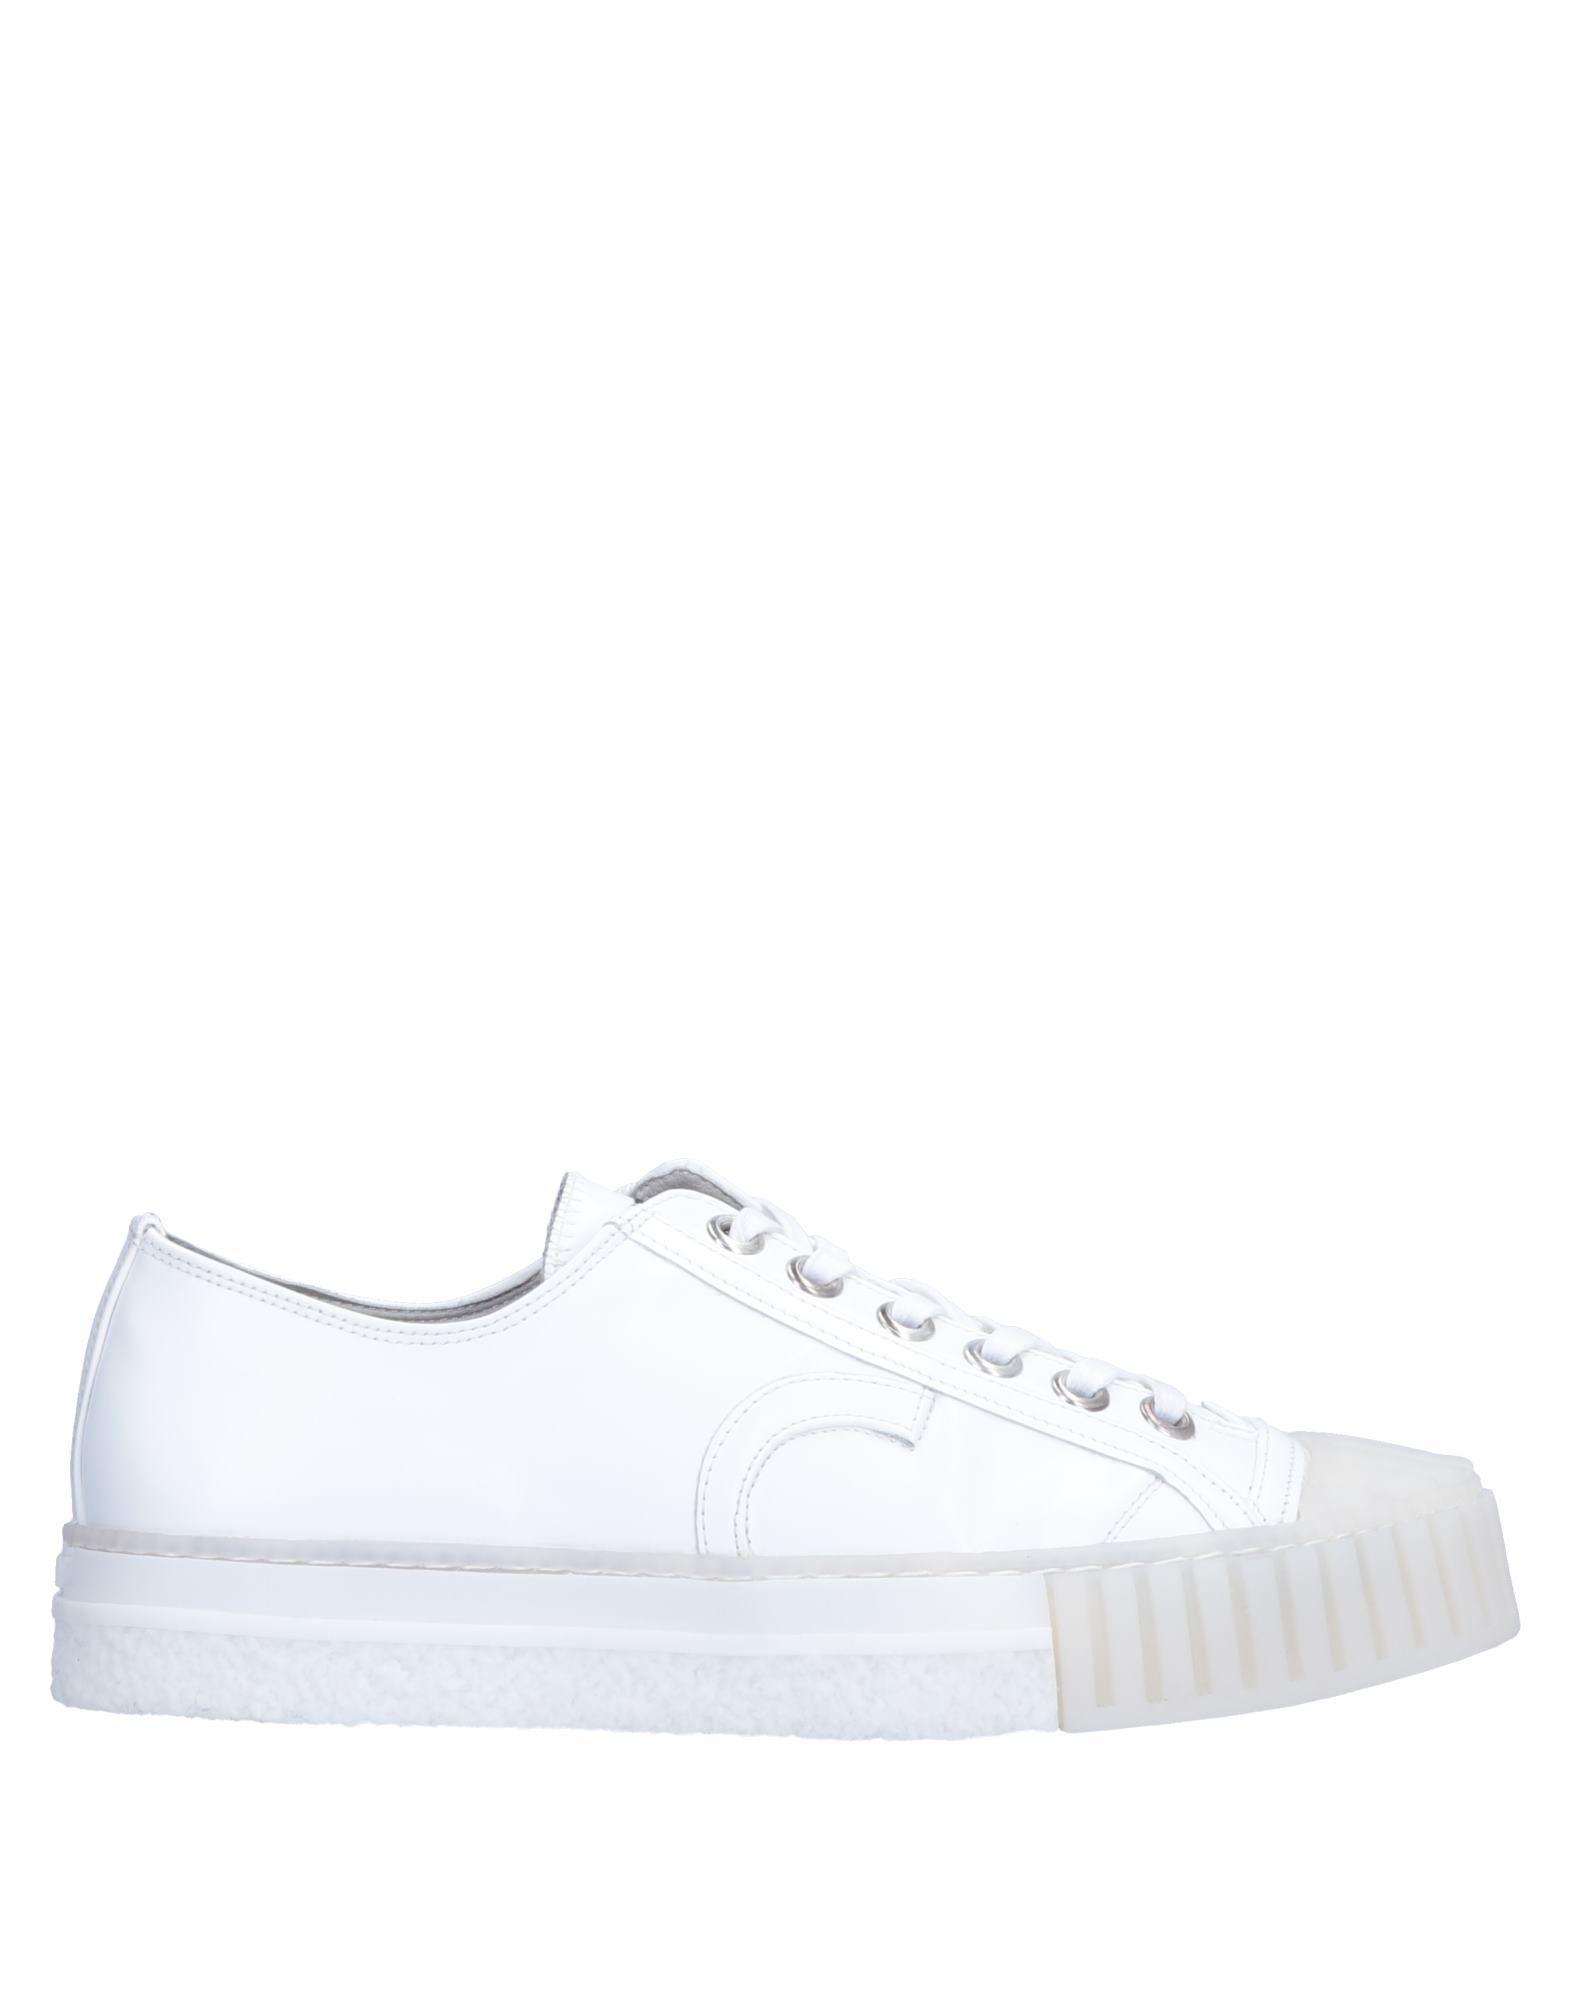 《送料無料》ADIEU メンズ スニーカー&テニスシューズ(ローカット) ホワイト 39 革